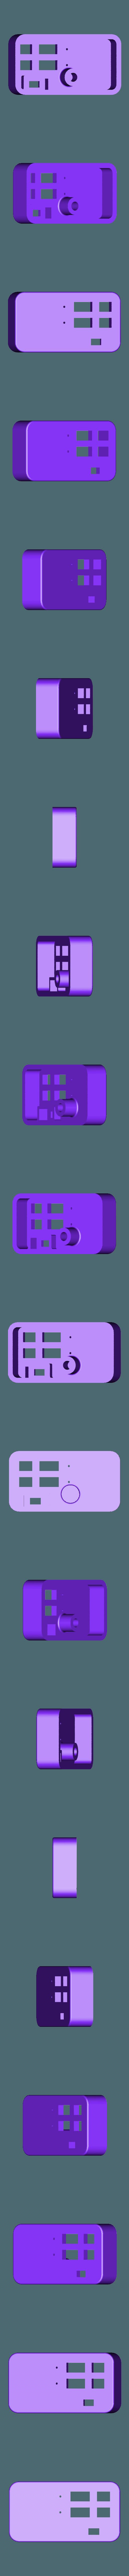 Case_A.STL Télécharger fichier STL gratuit Testeur d'optocoupleurs facile • Objet à imprimer en 3D, perinski